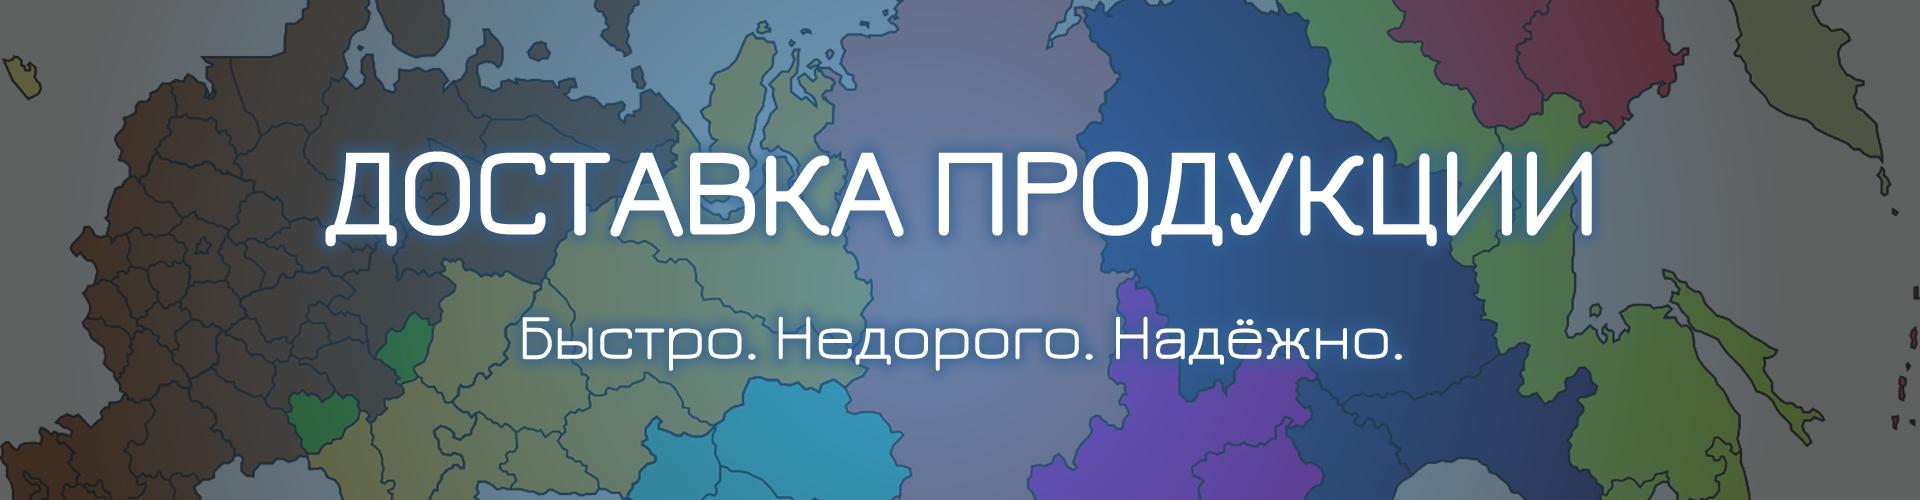 Быстрая и недорогая доставка игровых аксессуаров по всей территории России и СНГ